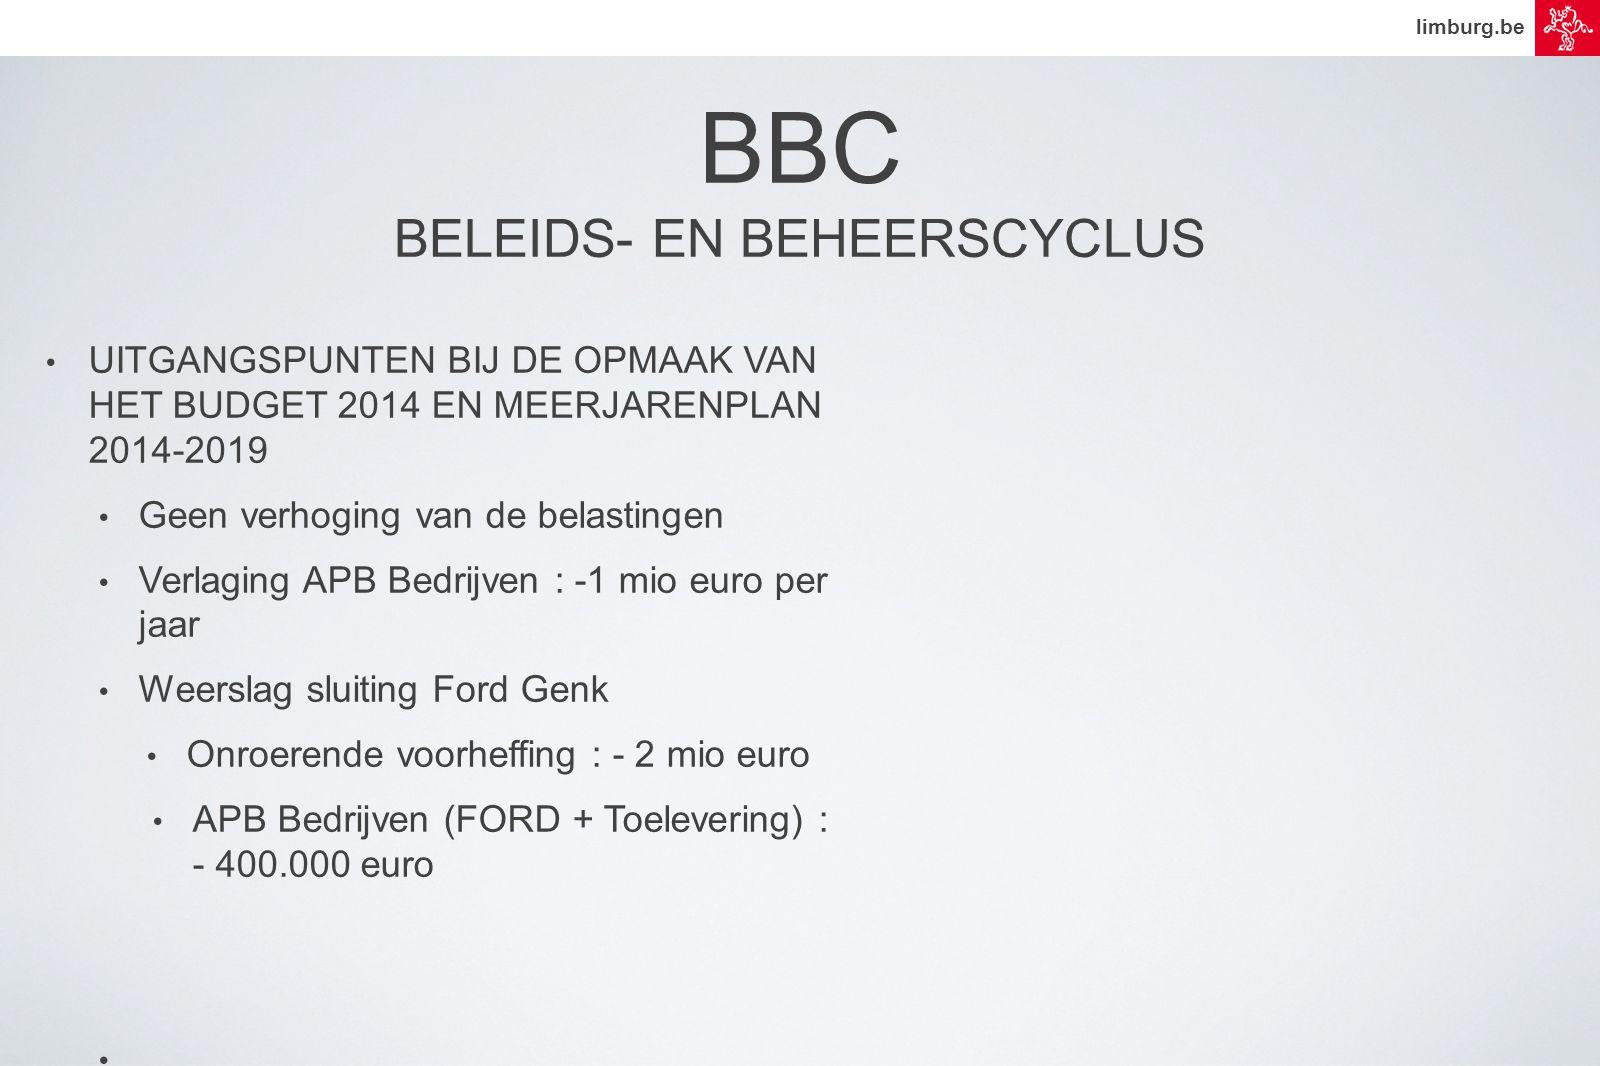 limburg.be • UITGANGSPUNTEN BIJ DE OPMAAK VAN HET BUDGET 2014 EN MEERJARENPLAN 2014-2019 • Geen verhoging van de belastingen • Verlaging APB Bedrijven : -1 mio euro per jaar • Weerslag sluiting Ford Genk • Onroerende voorheffing : - 2 mio euro • APB Bedrijven (FORD + Toelevering) : - 400.000 euro • BBC BELEIDS- EN BEHEERSCYCLUS